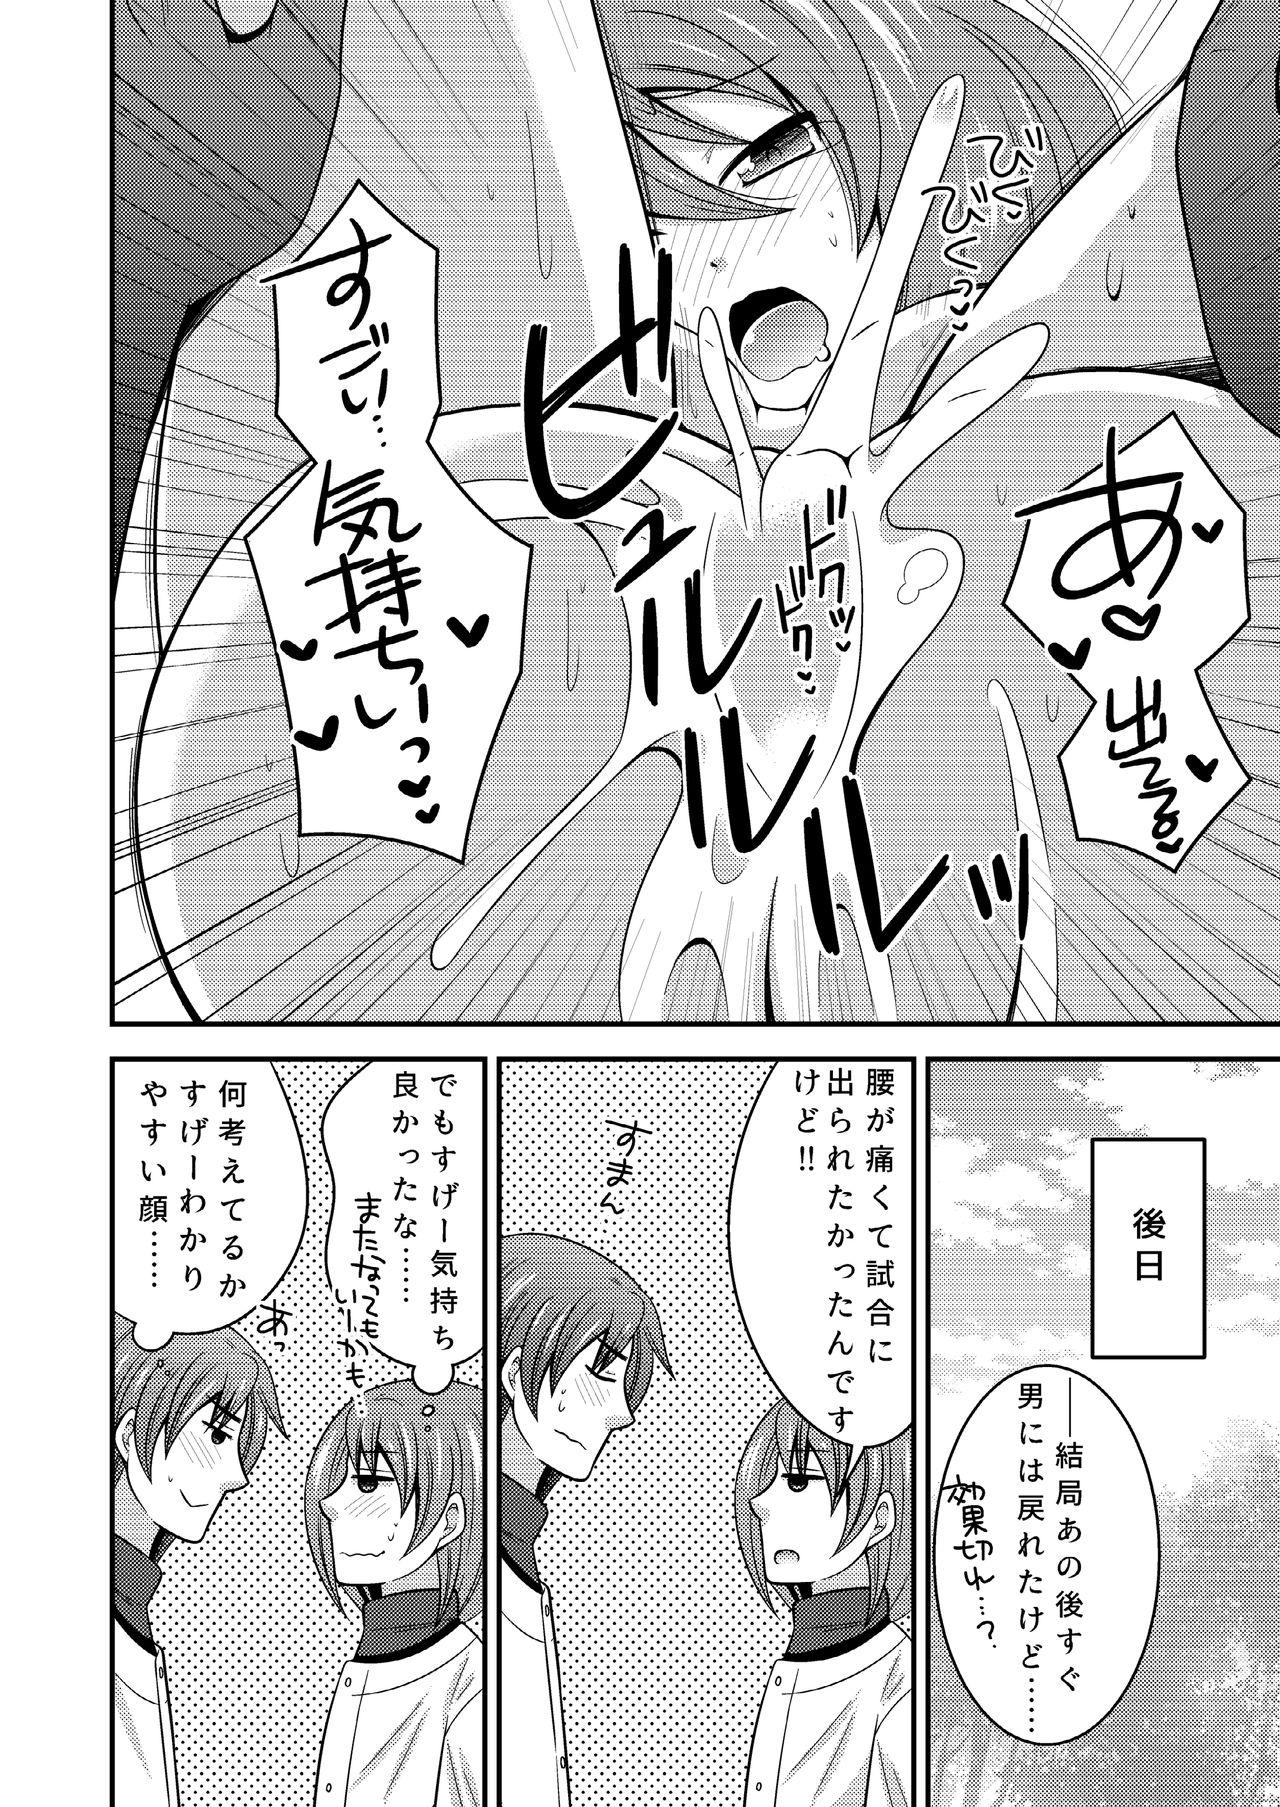 Yakyuubu no Ace ga Nyotaika shite Shinyuu to Ecchi + Yoru no Aida wa Onnanoko 14